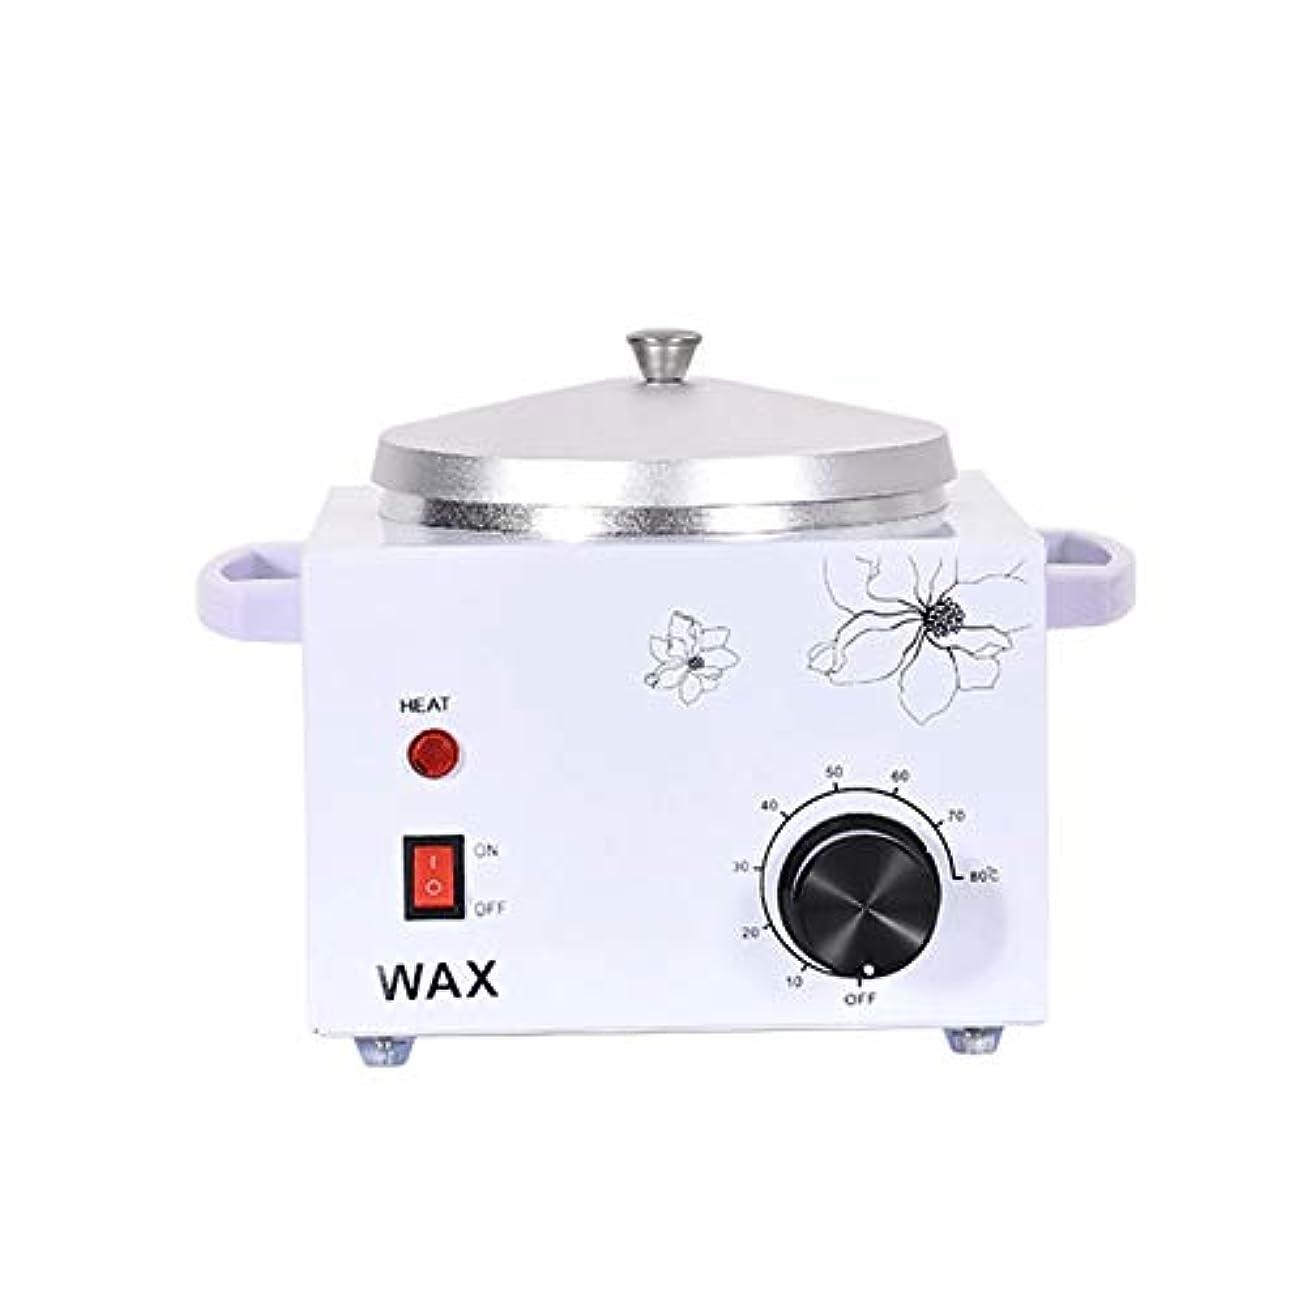 力強いキウイ同一のプロフェッショナル電気ワックスウォーマーヒーター美容室ワックスポット多機能シングル口の炉内温度制御脱毛脱毛ワックスビーンヒーター600ccの